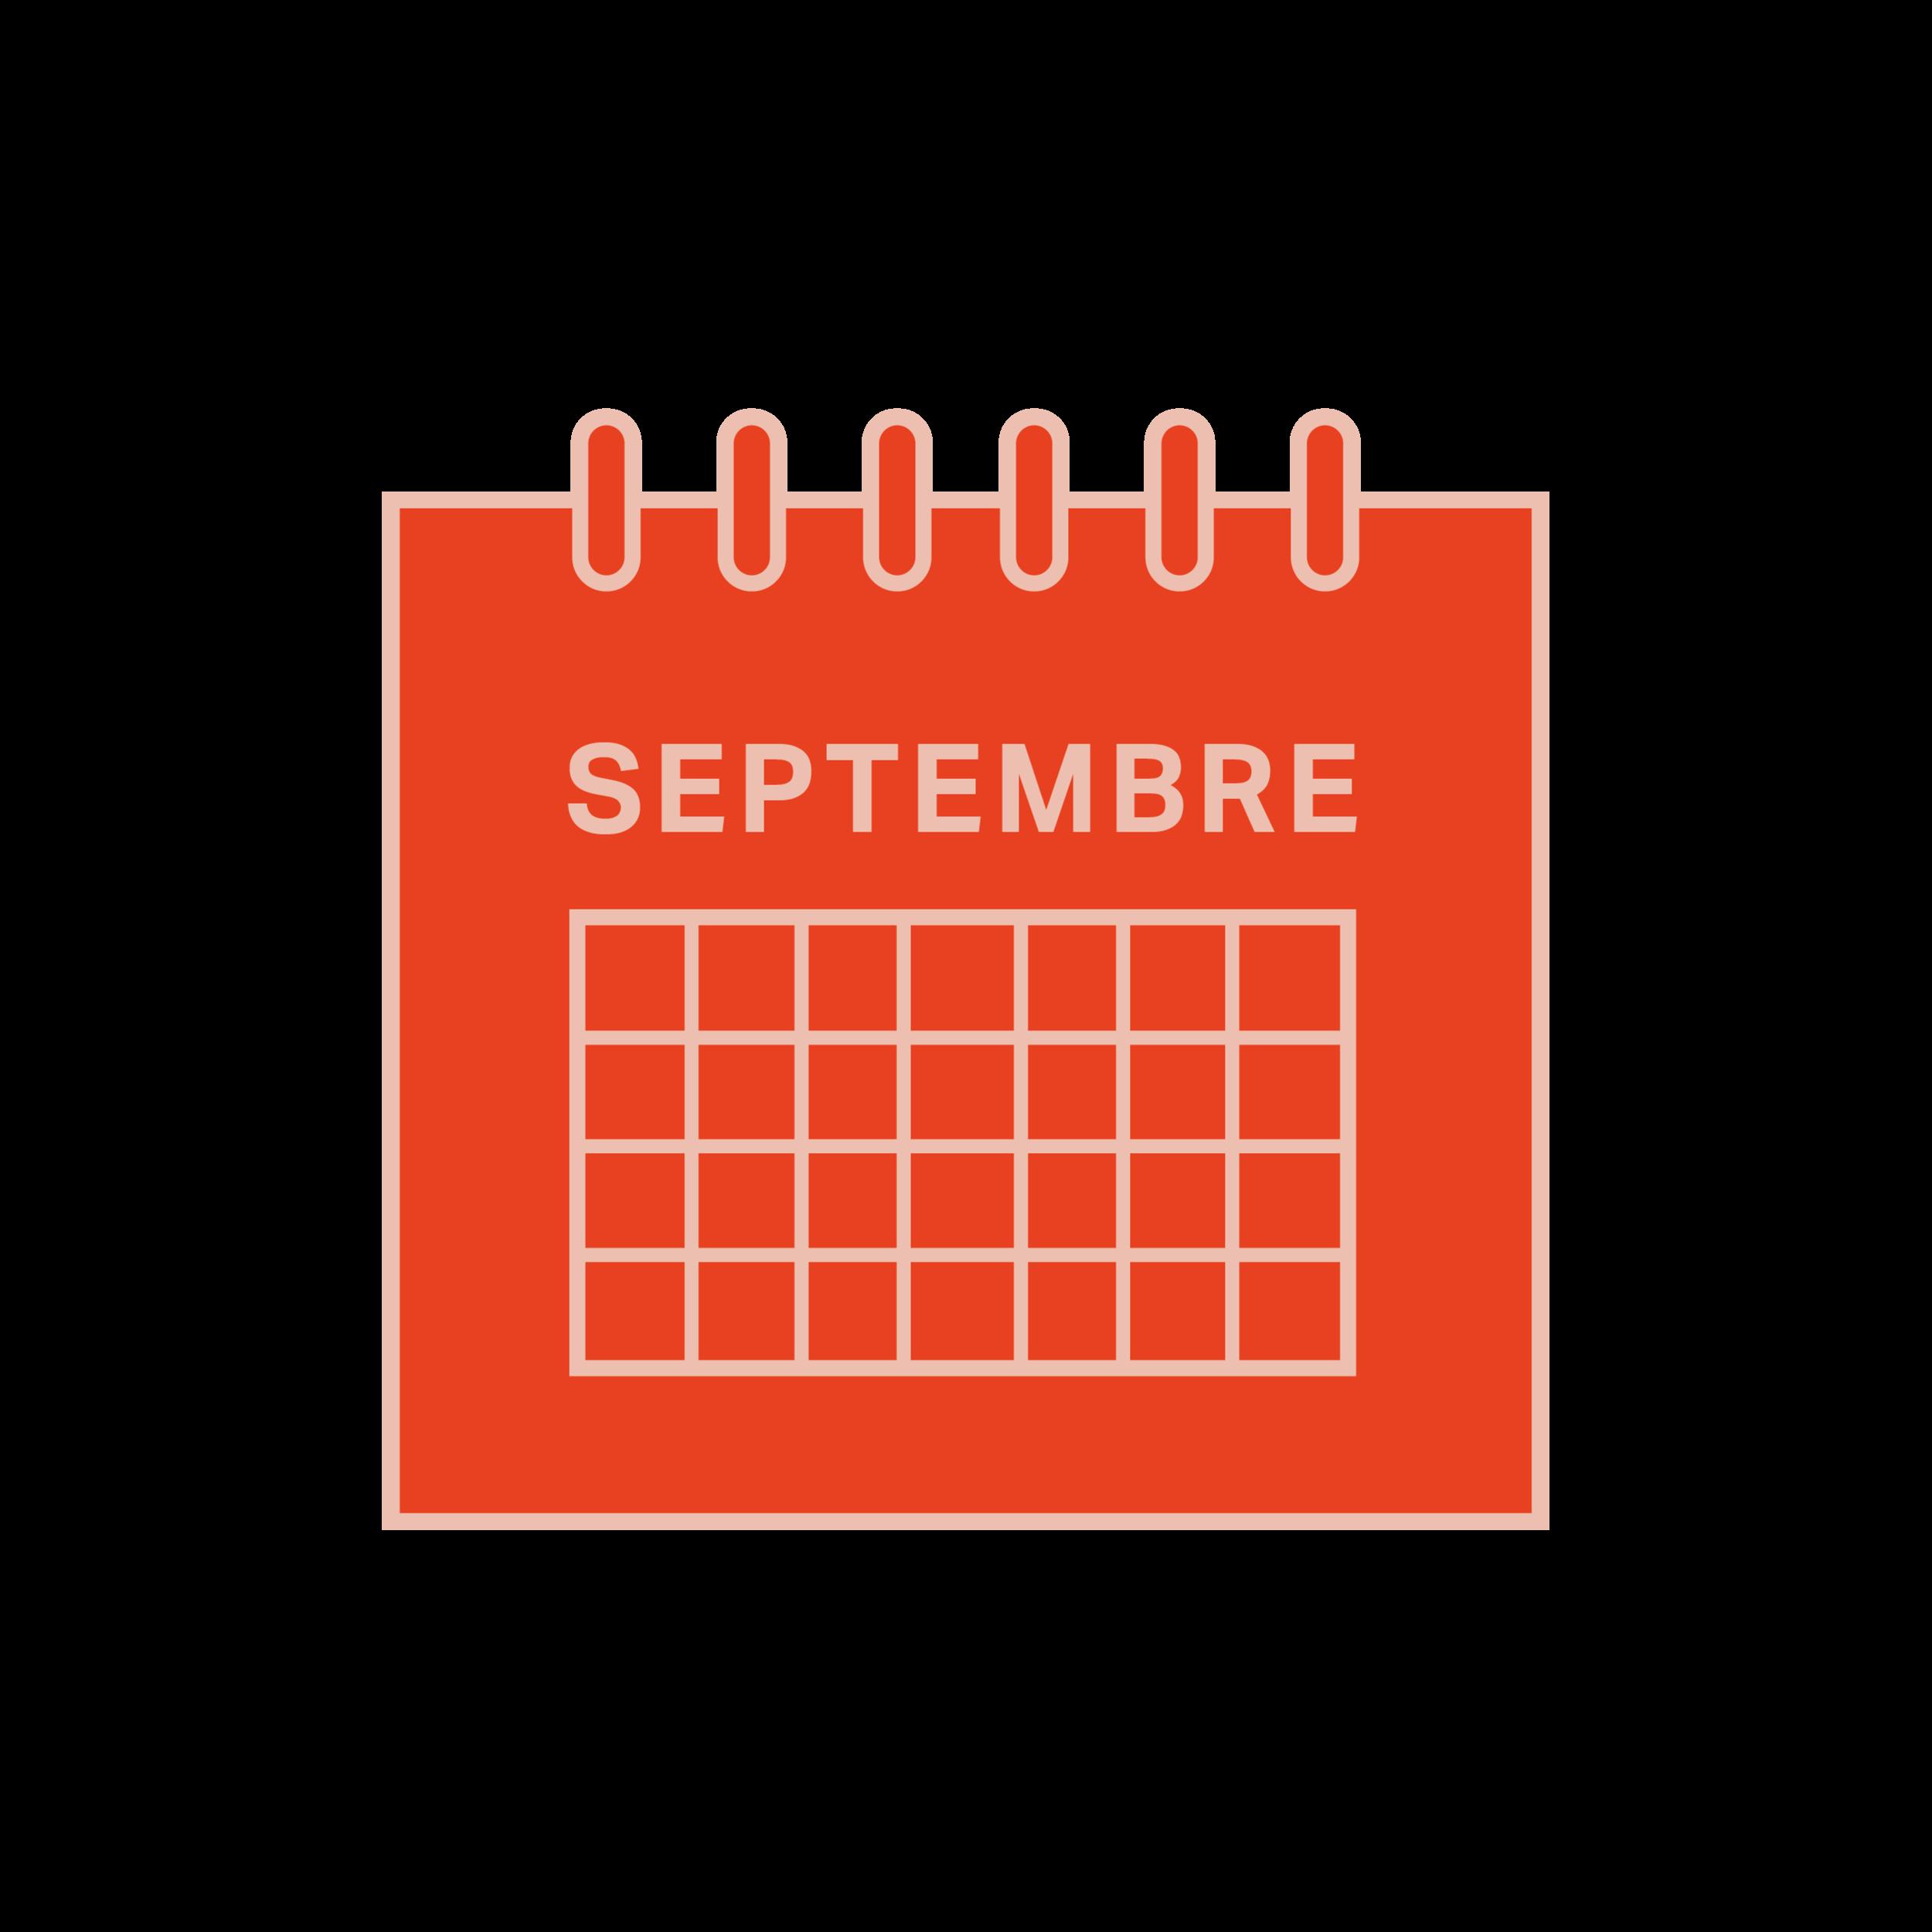 3.   Être disponible aux dates suivantes : 16, 17, 23, 24 septembre.